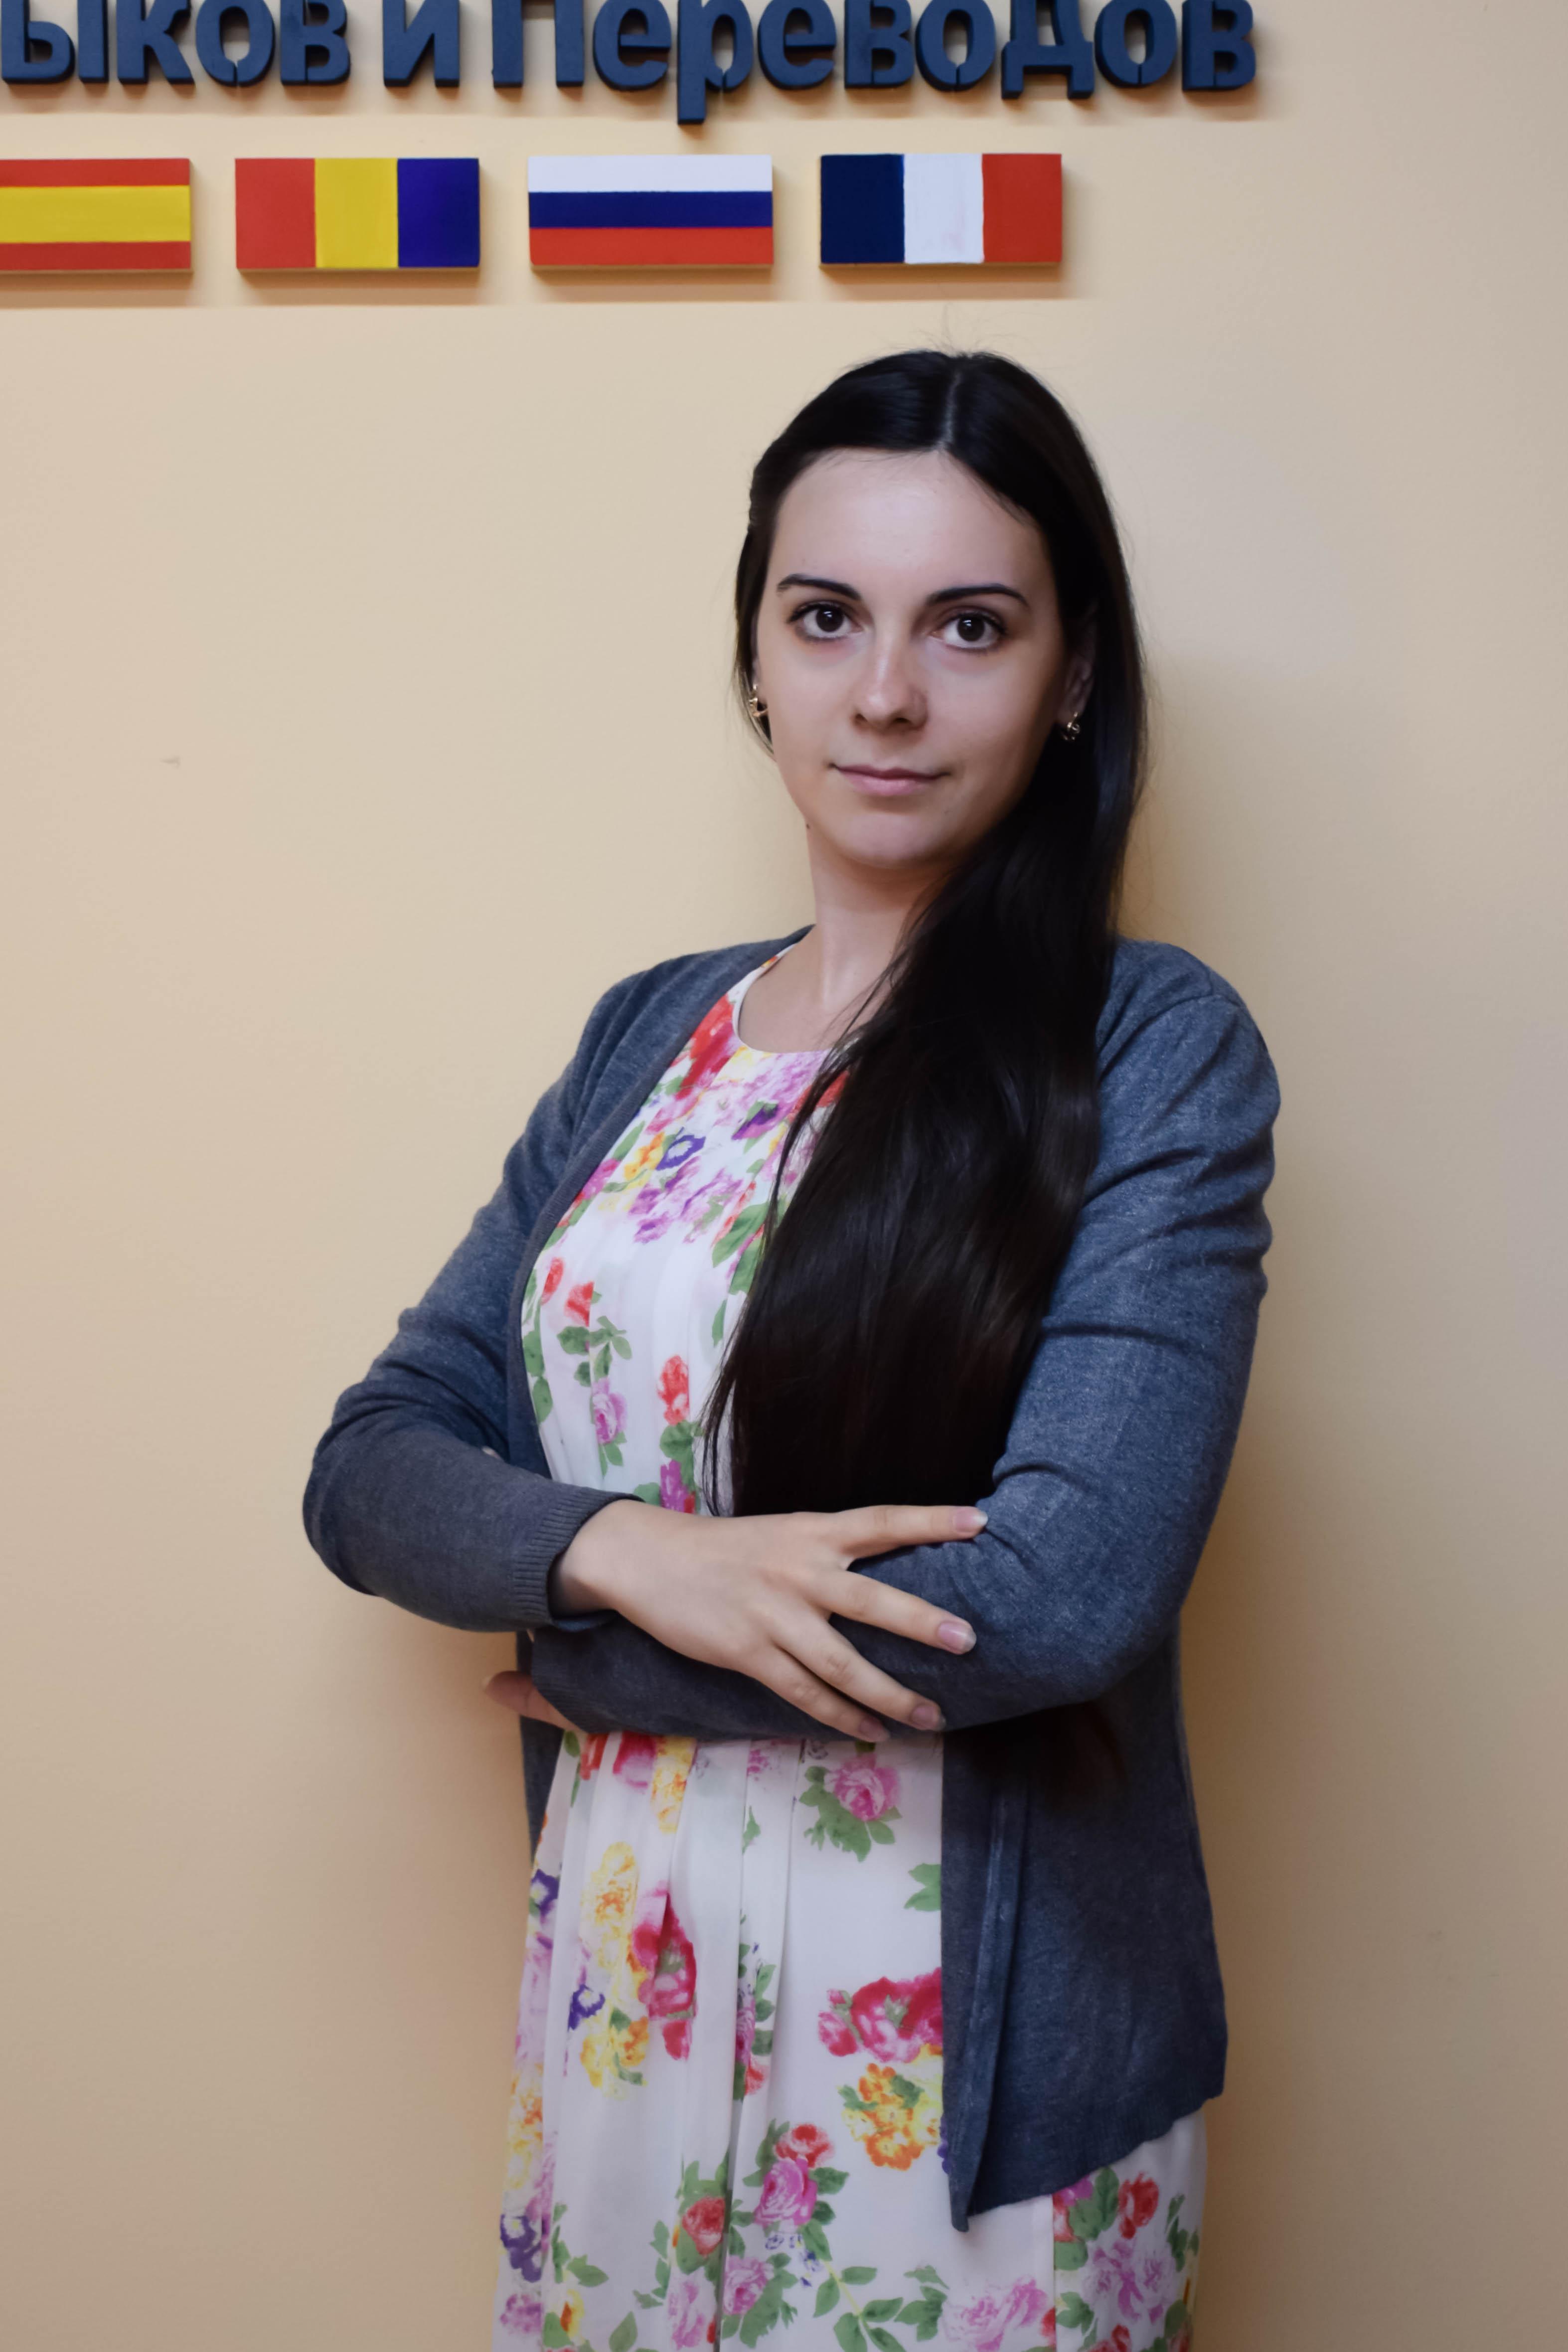 gushenkova'